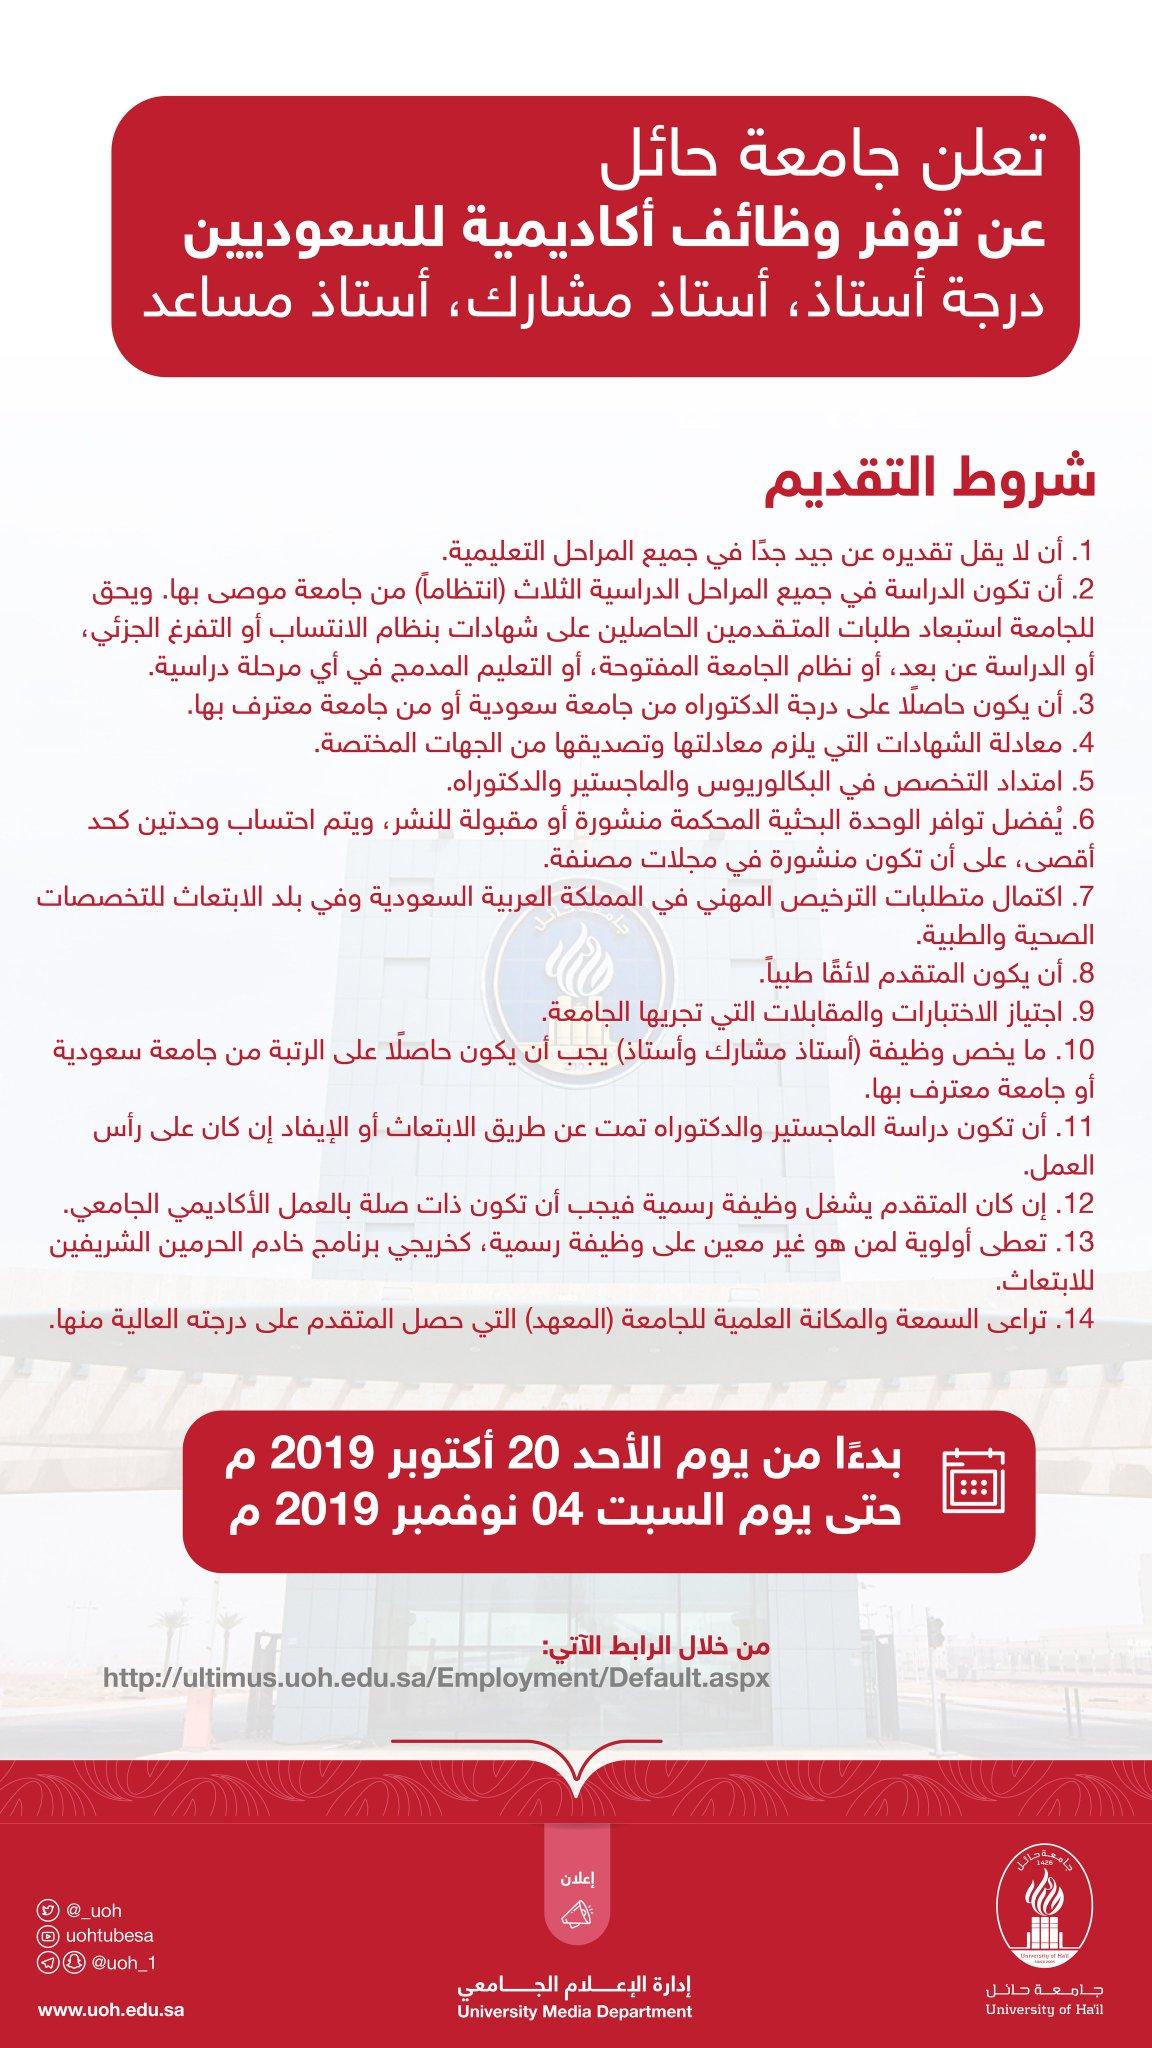 تعلن #جامعة_حائل عن توفر وظائف أكاديمية للسعوديين، درجة (أستاذ، أستاذ مشارك، أستاذ مساعد)   التقديم  من اليوم حتى 04 نوفمبر 2019 . تفاصيل الوظائف (pdf) https://t.co/rRlGgtCuIQ  رابط التقديم : https://ultimus.uoh.edu.sa/Employment/Default.aspx  #جامعة_حائل #حائل_الآن